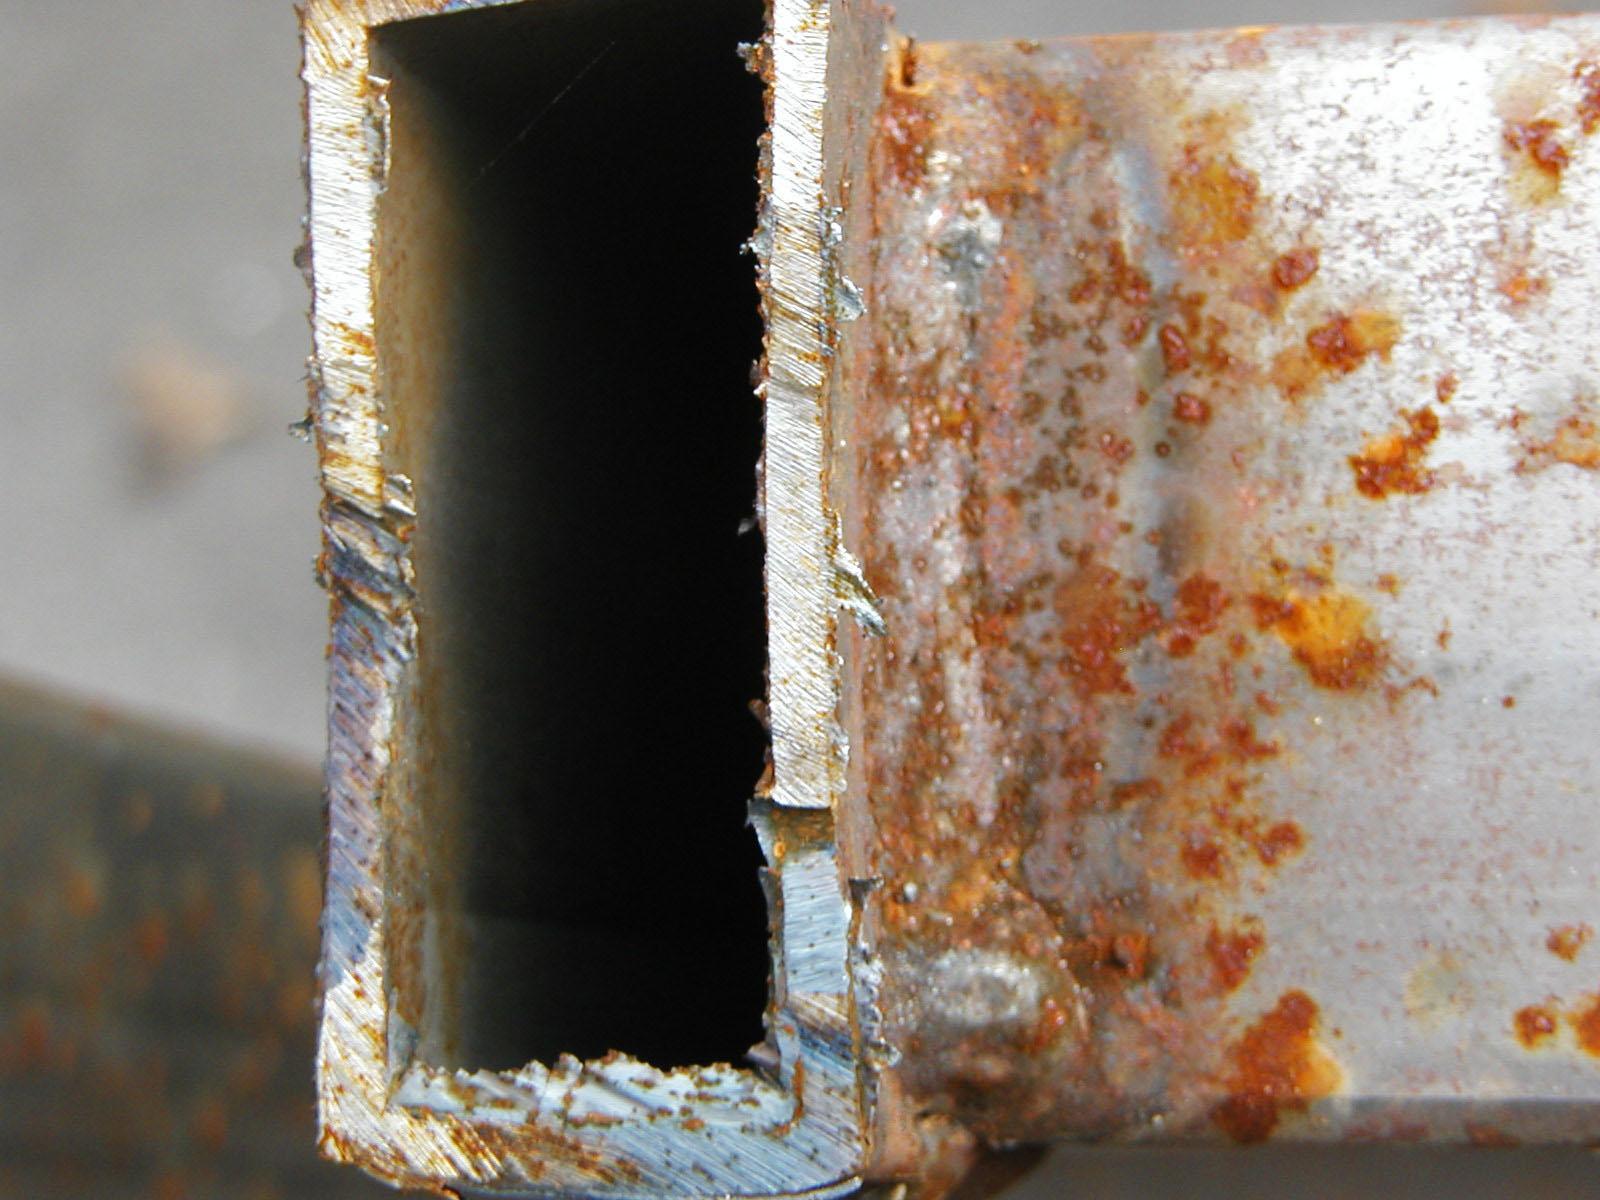 Rusted metal bar closeup photo